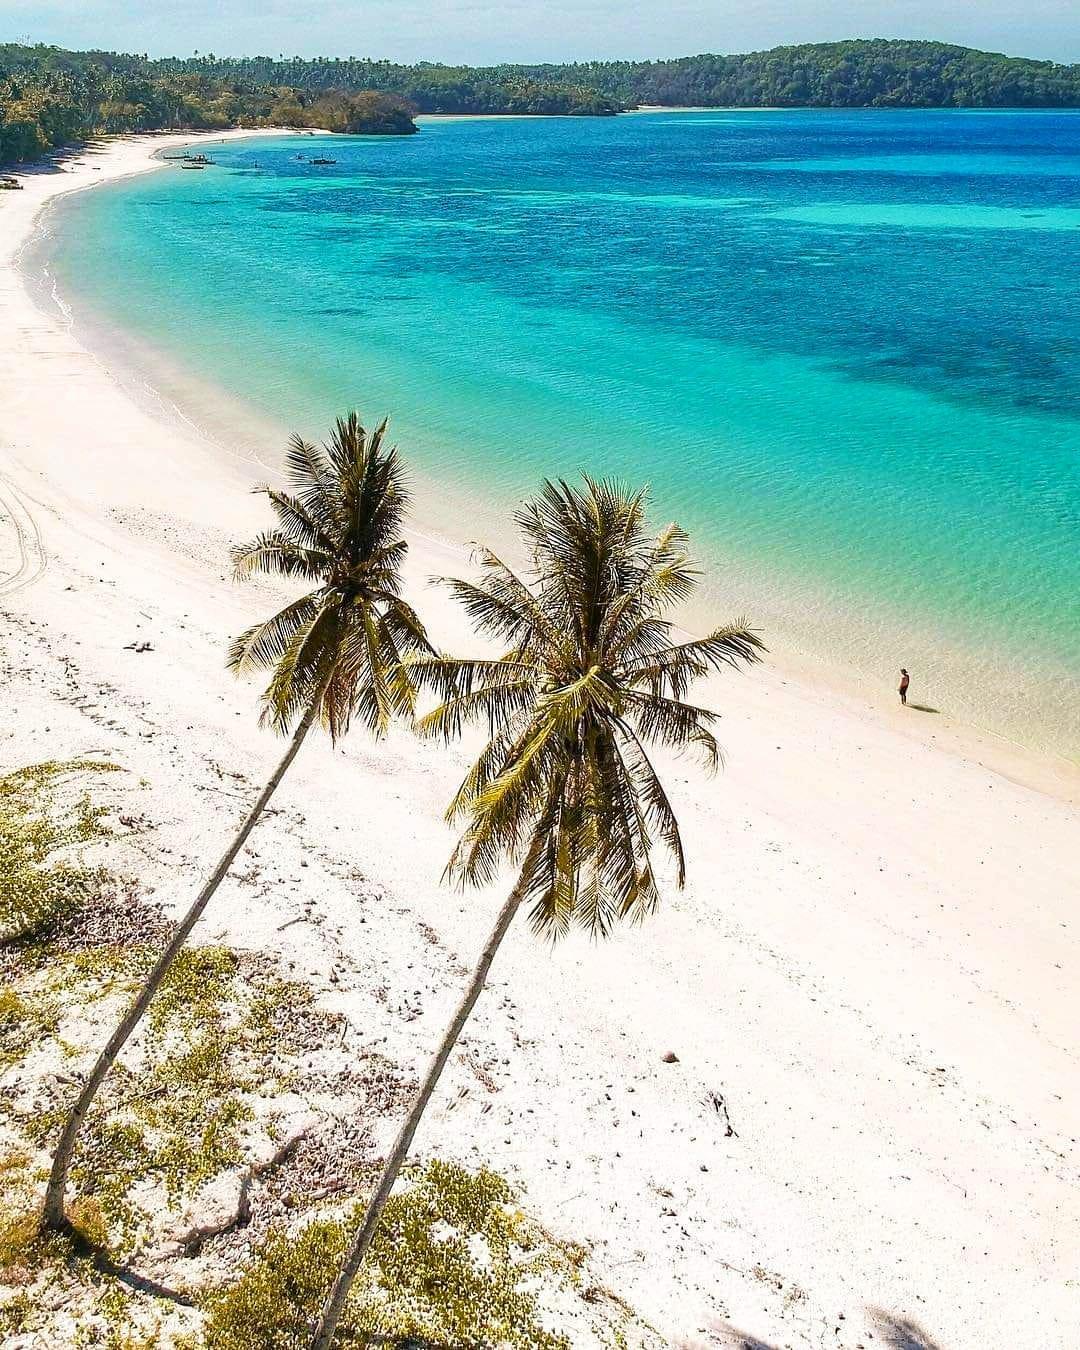 Gumasa Beach white san beach blue waters walking tourist palm trees